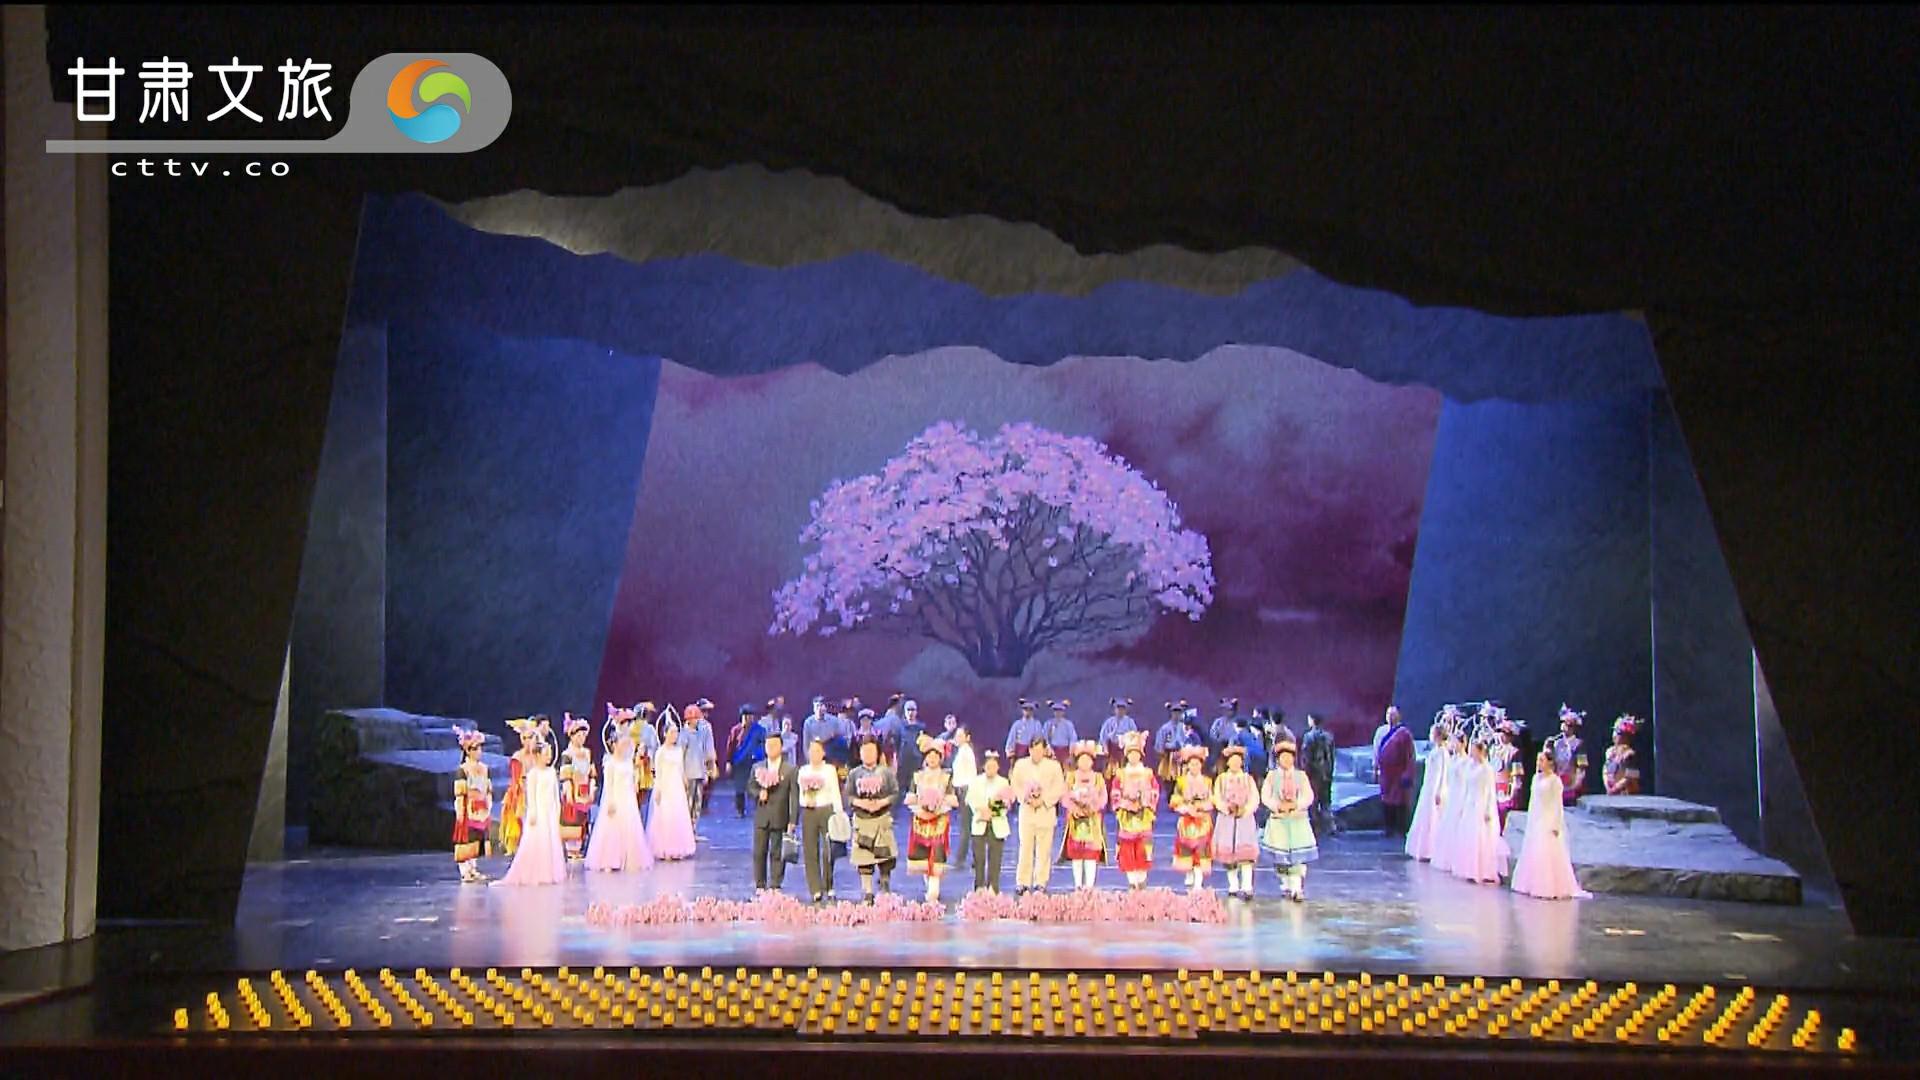 《达玛花开》——来年的达玛花再次盛开,藏乡儿女用达玛花缅怀张小娟